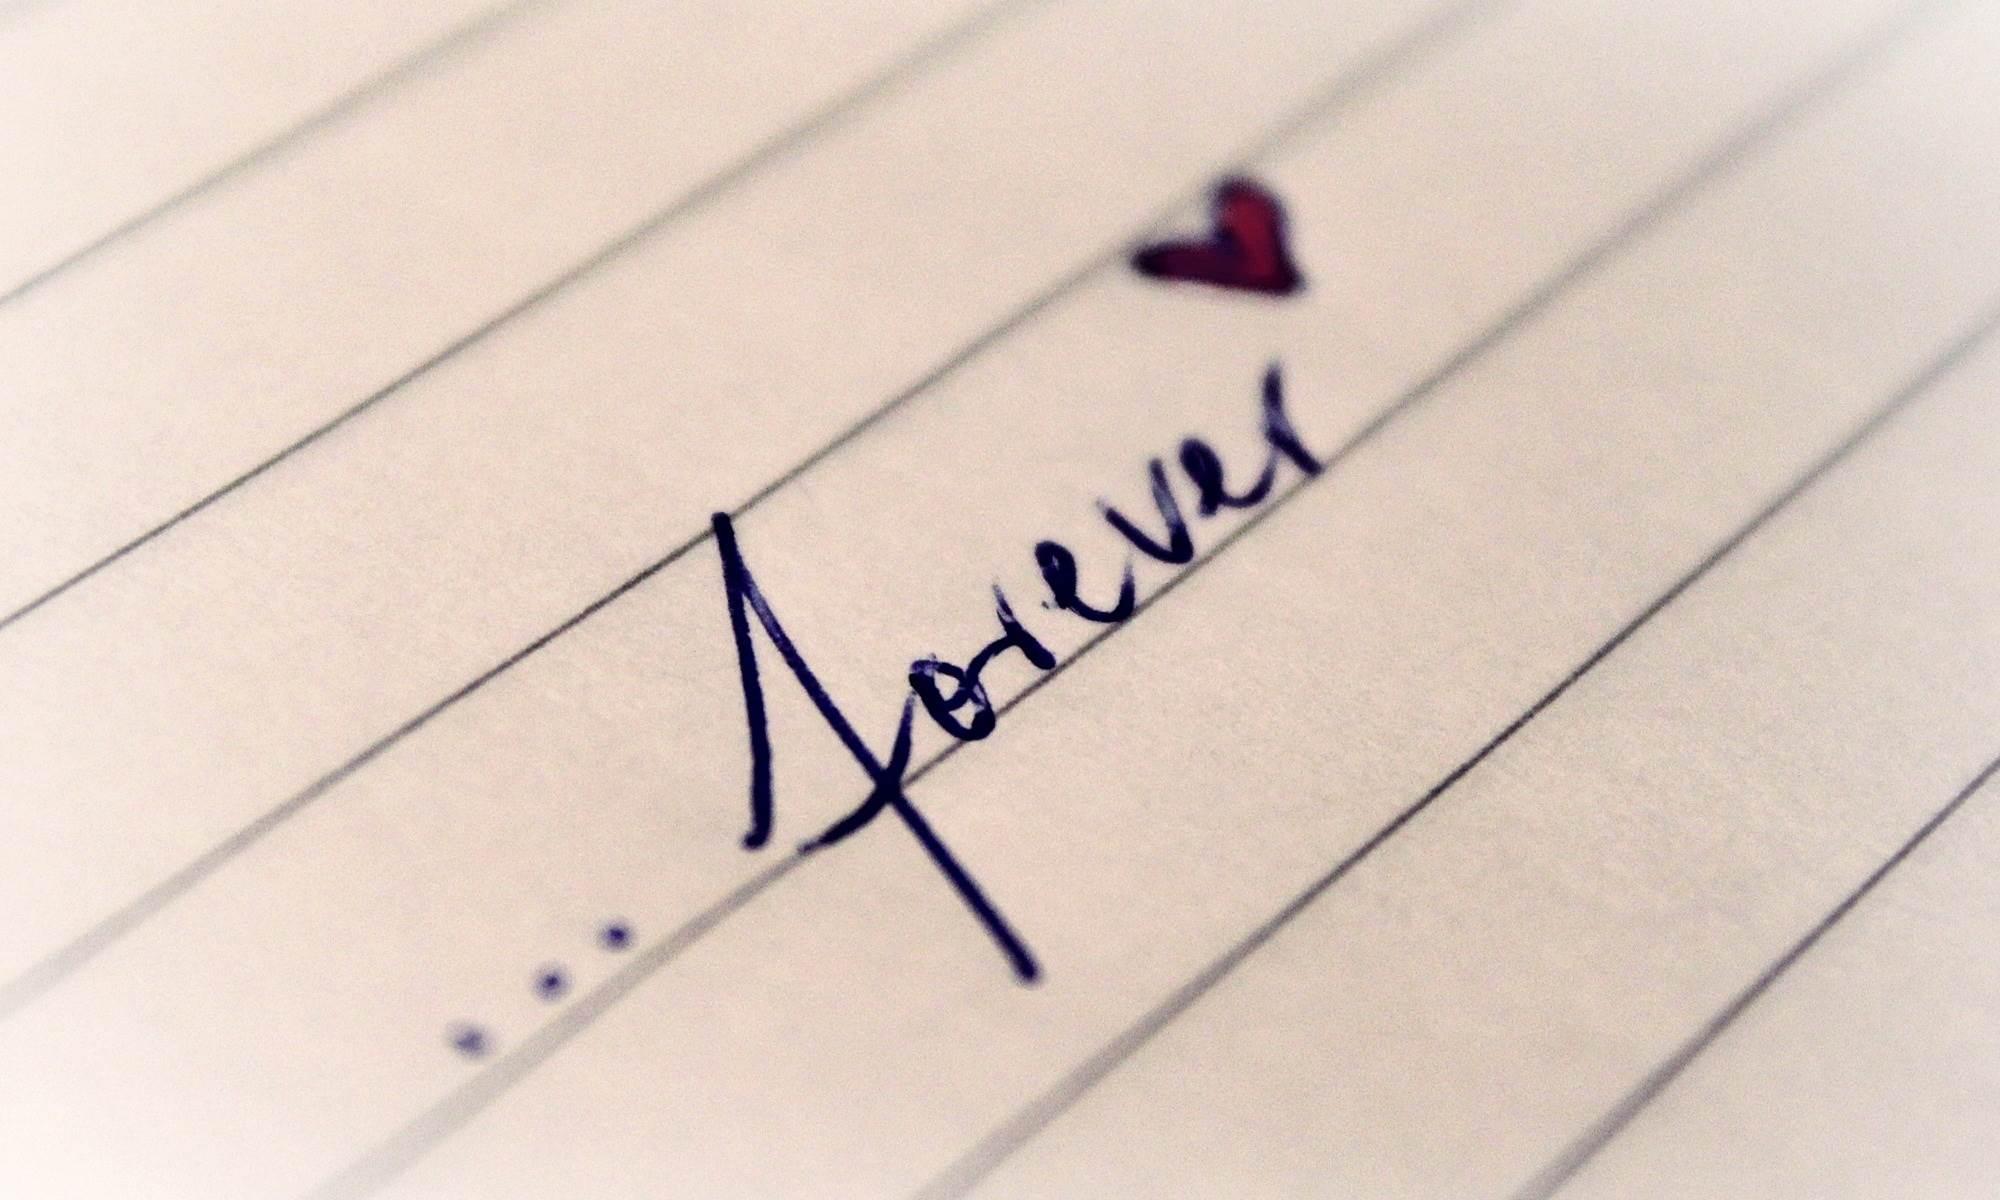 Das Schreiben über das Glück